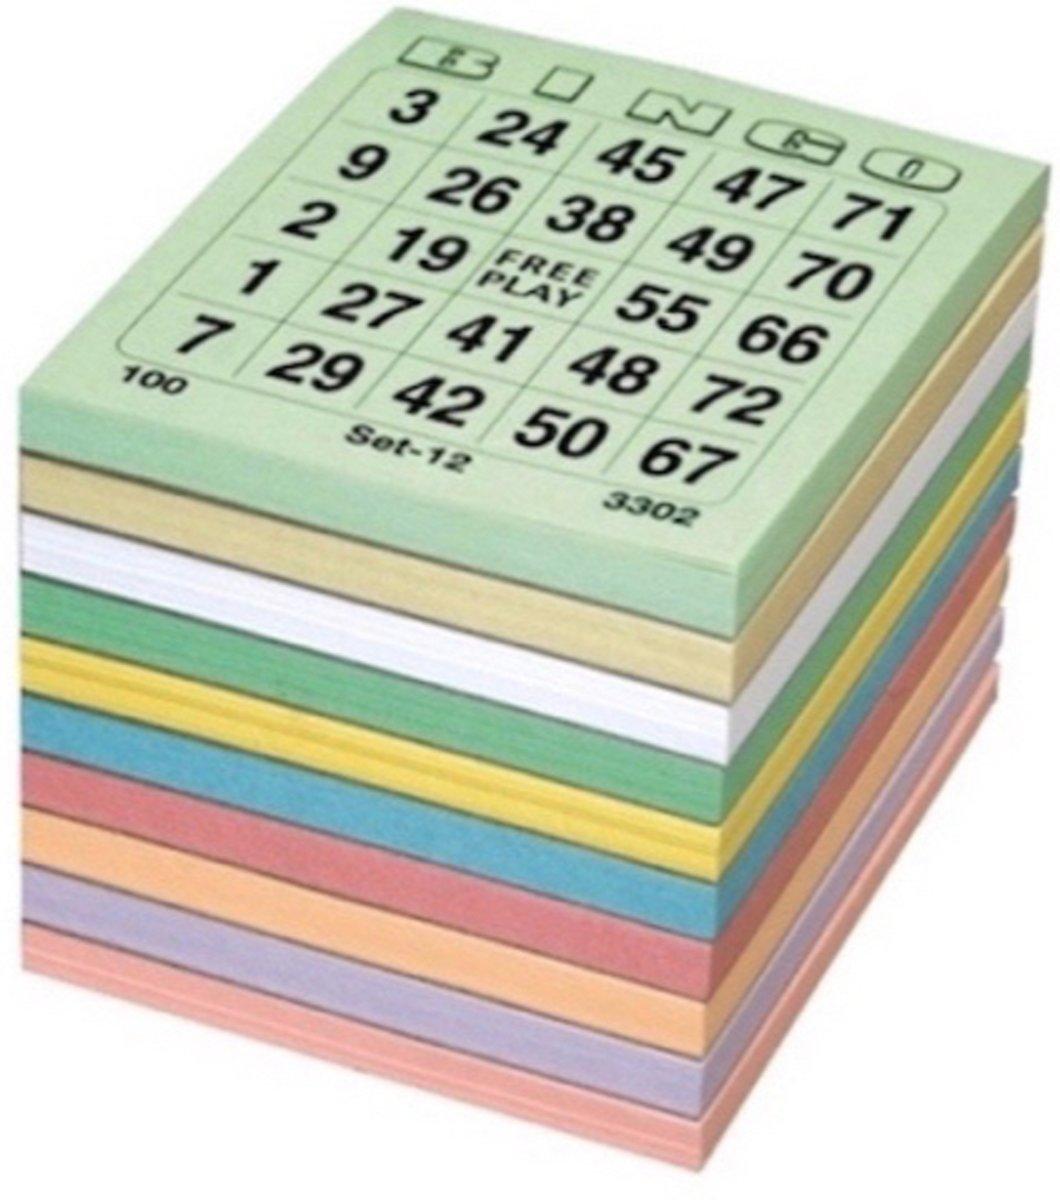 Bingokaarten - 1000 stuks - 1 t/m 75 kleurenmix Single